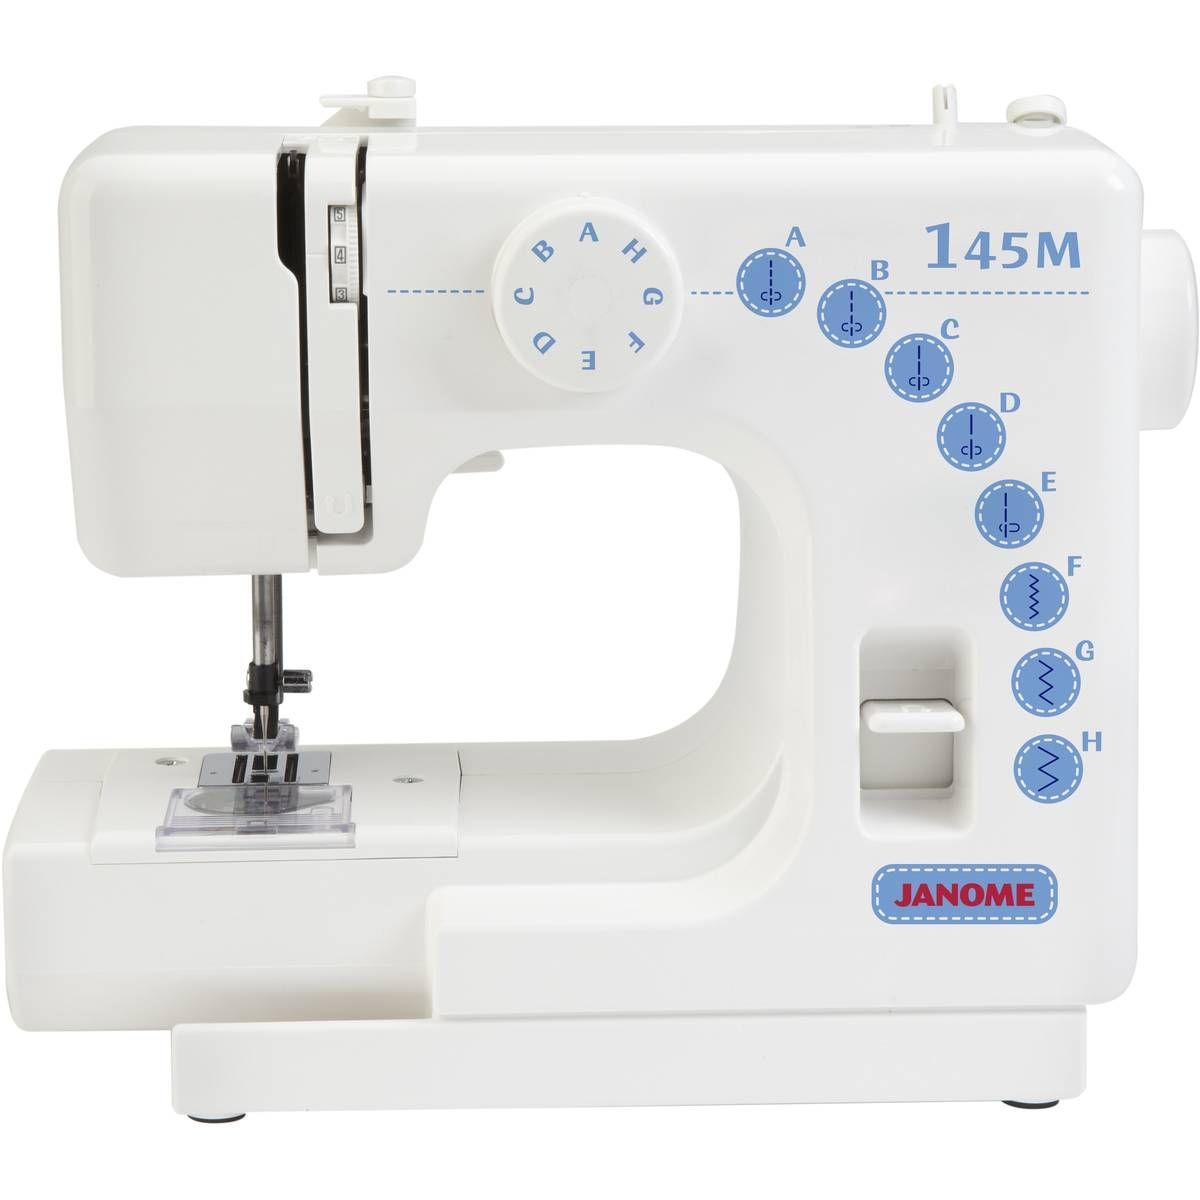 Janome Mini 145M Sewing Machine | sewing | Pinterest